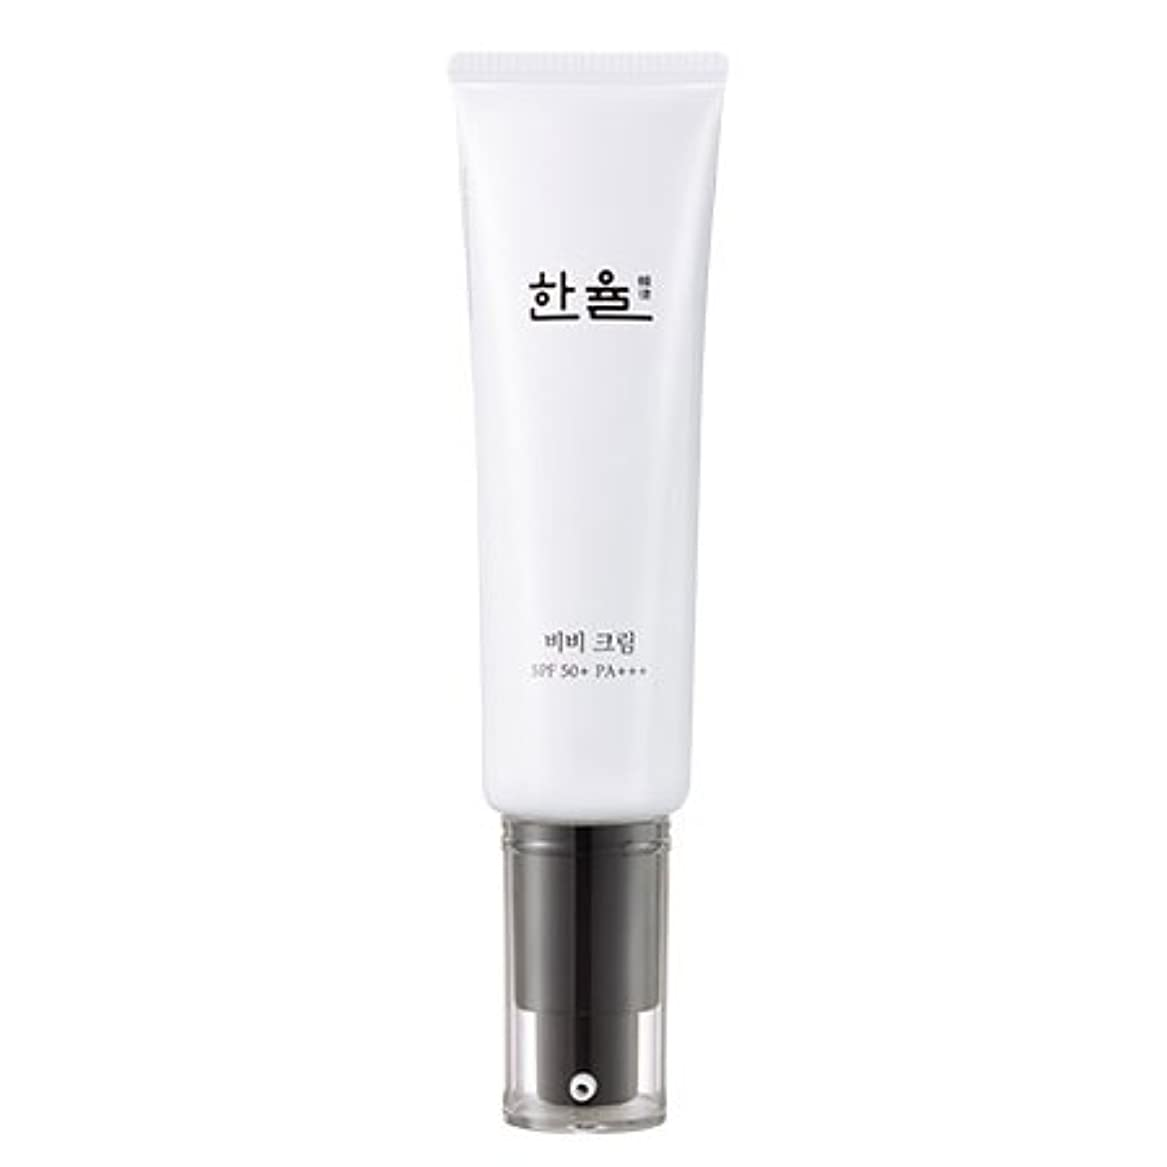 ドラマ流体蛇行HANYUL BB Cream 40ml/ハンユル BBクリーム 40ml (#2 Natural Beige) [並行輸入品]